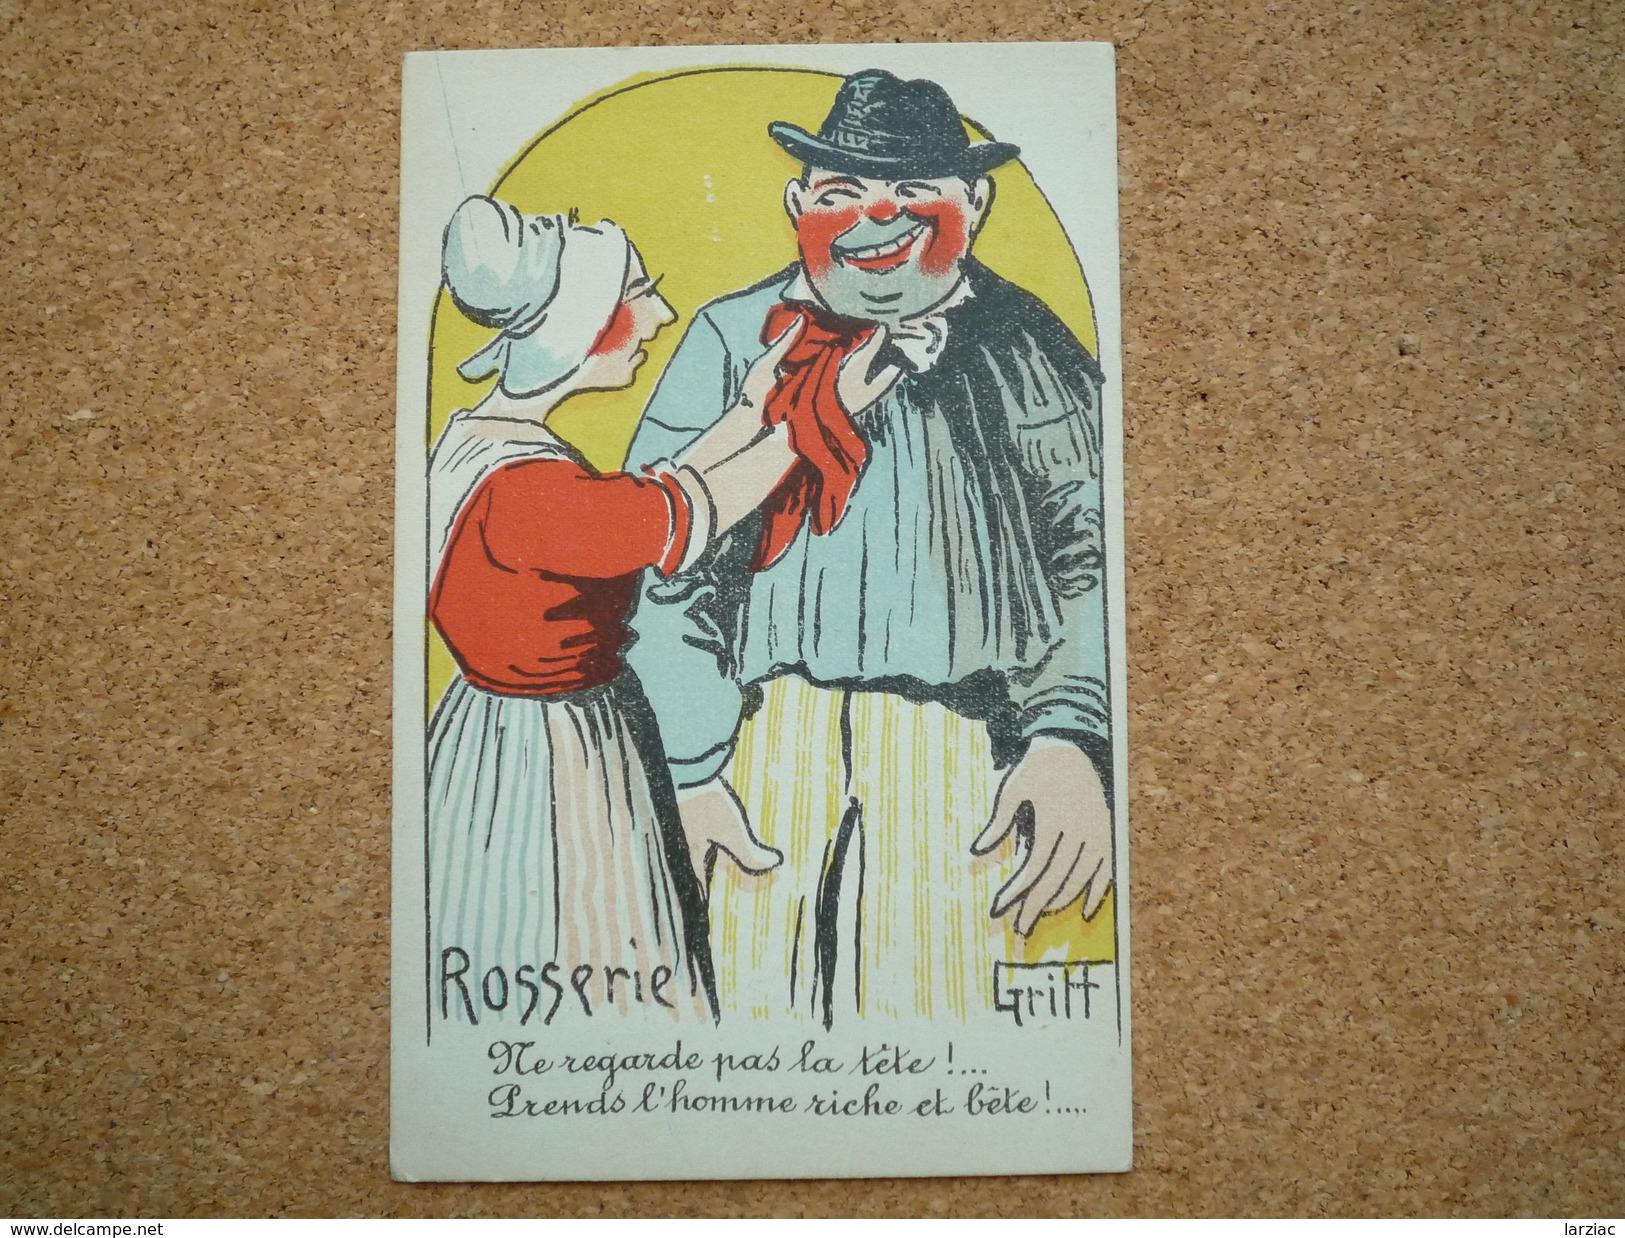 Carte Postale Ancienne Illustrateur Griff Rosserie Ne Regarde Pas La Tête ! Prends L'homme Riche Et Bête - Griff